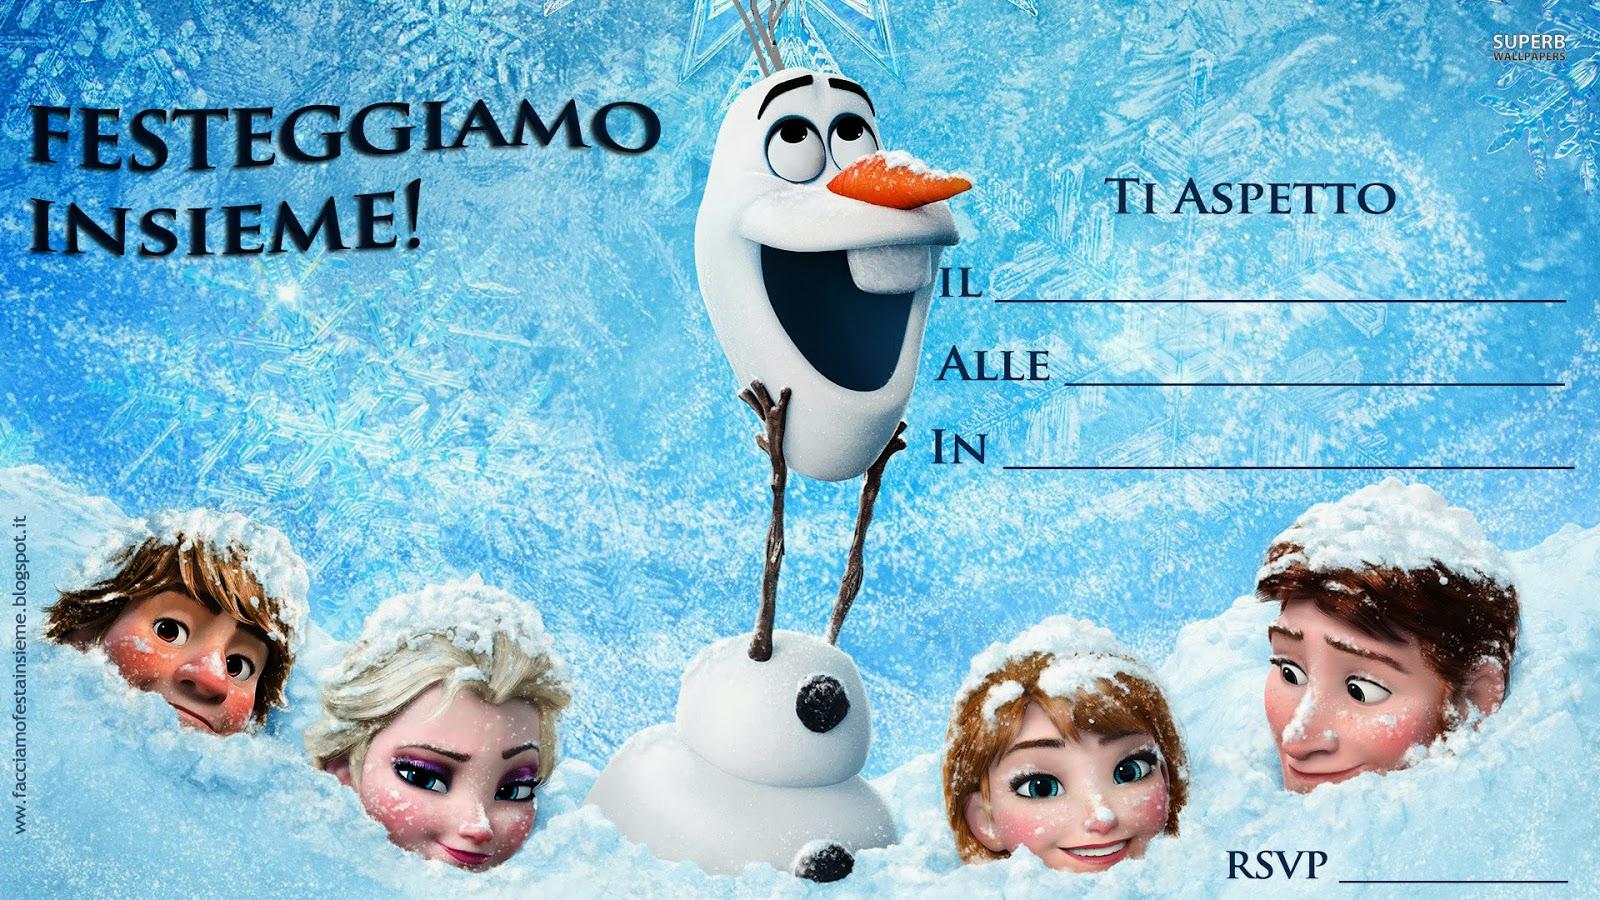 Frozen La regina del ghiaccio